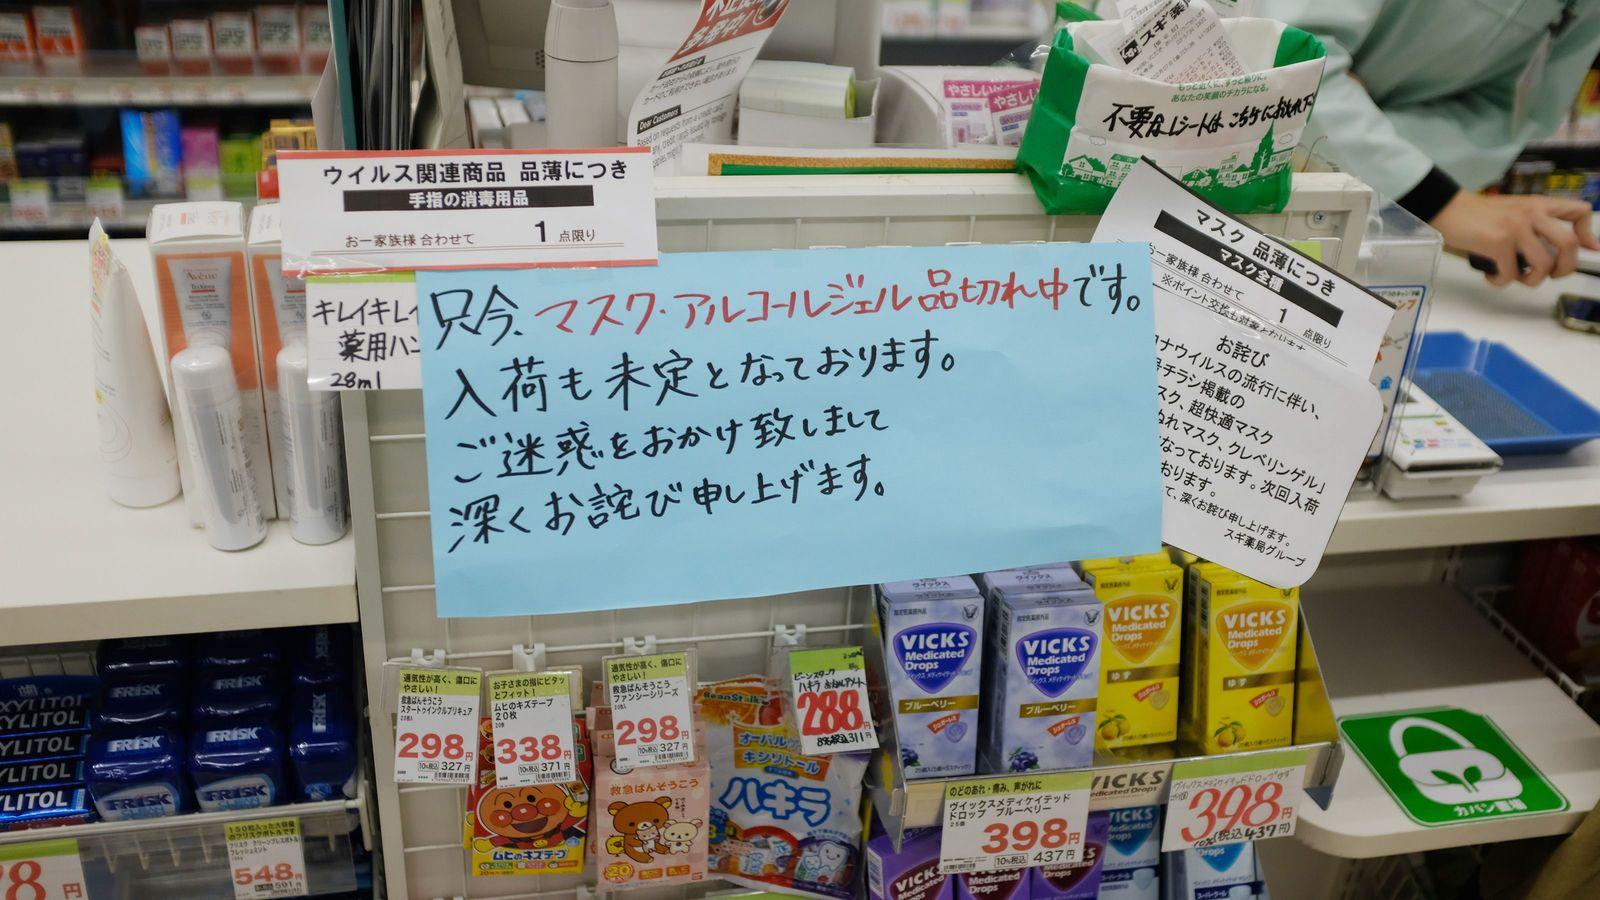 マスク1箱を4万円で売る「悪質転売屋」が後を絶たない理由 「普通の人」のモラルが崩壊している